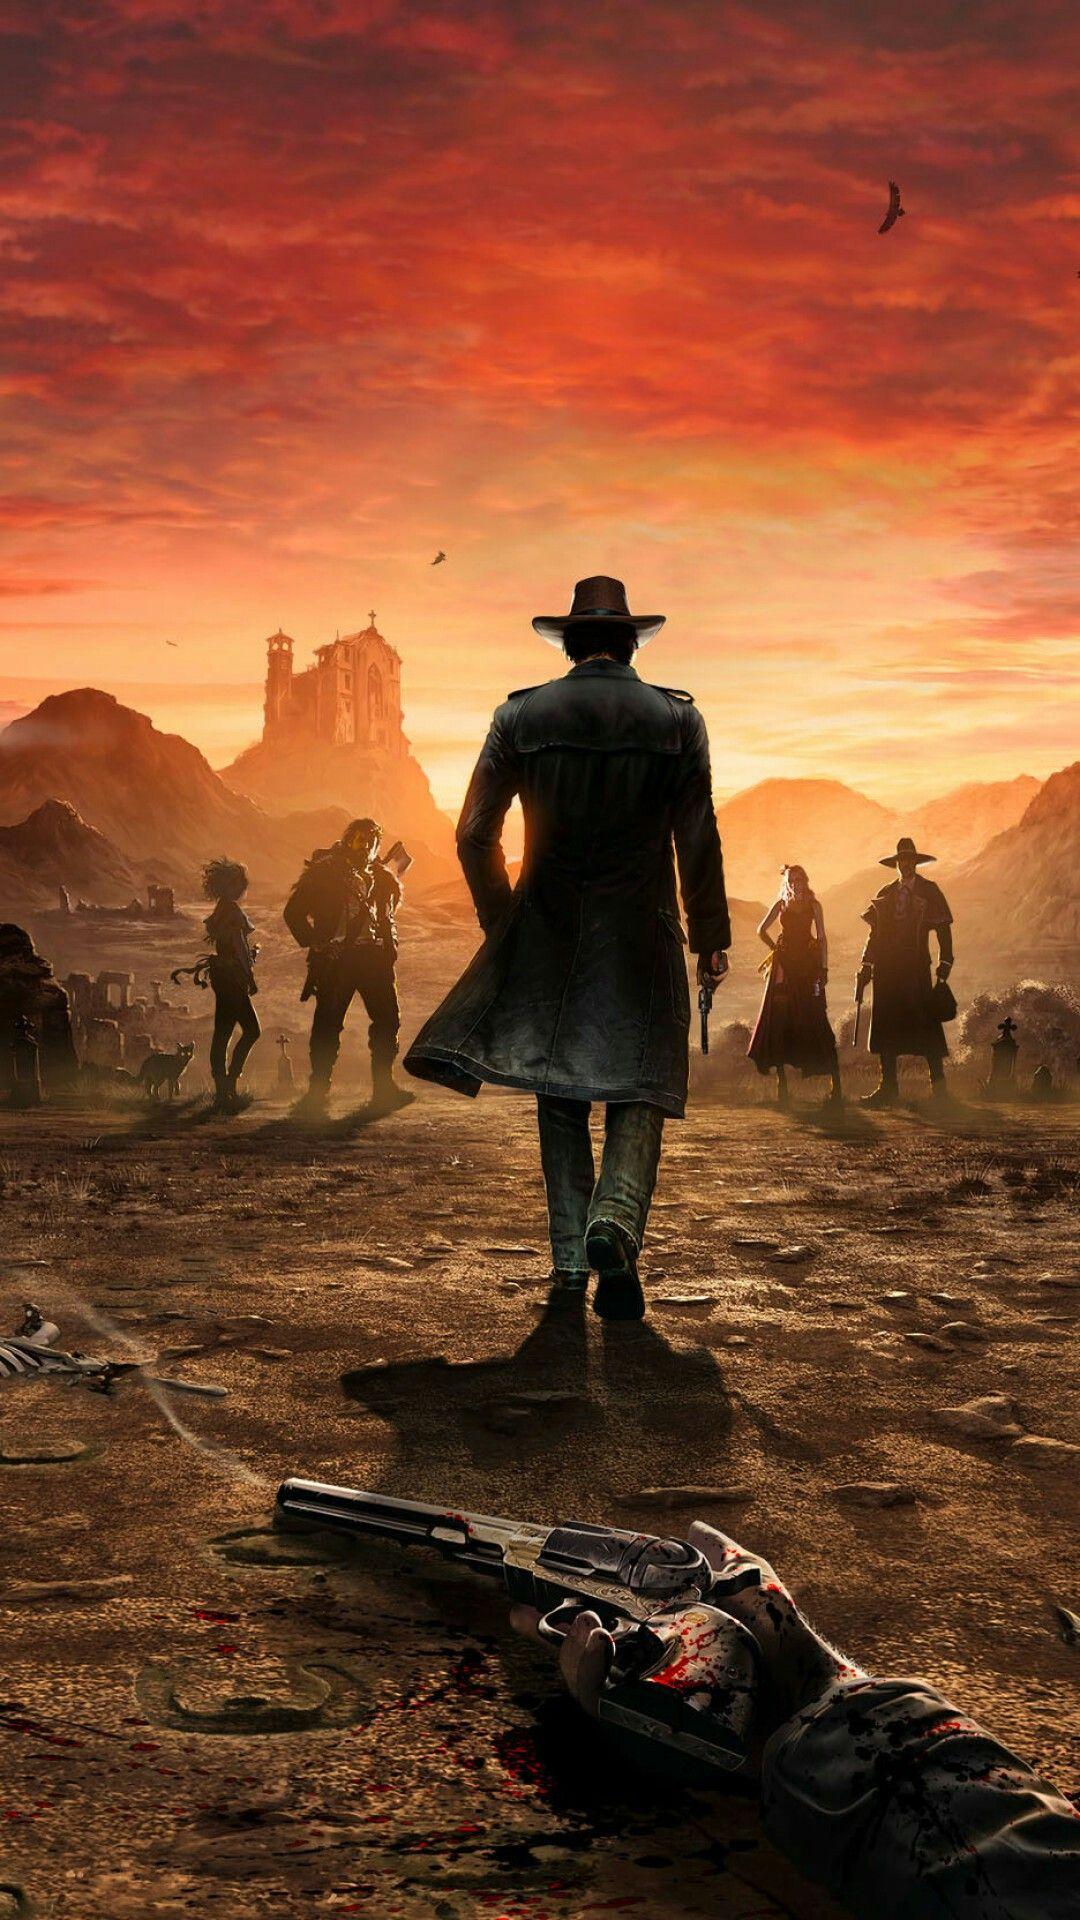 Red Dead2 Fondos De Pantalla De Juegos Mejores Fondos De Pantalla De Videojuegos Carteles De Peliculas Famosas